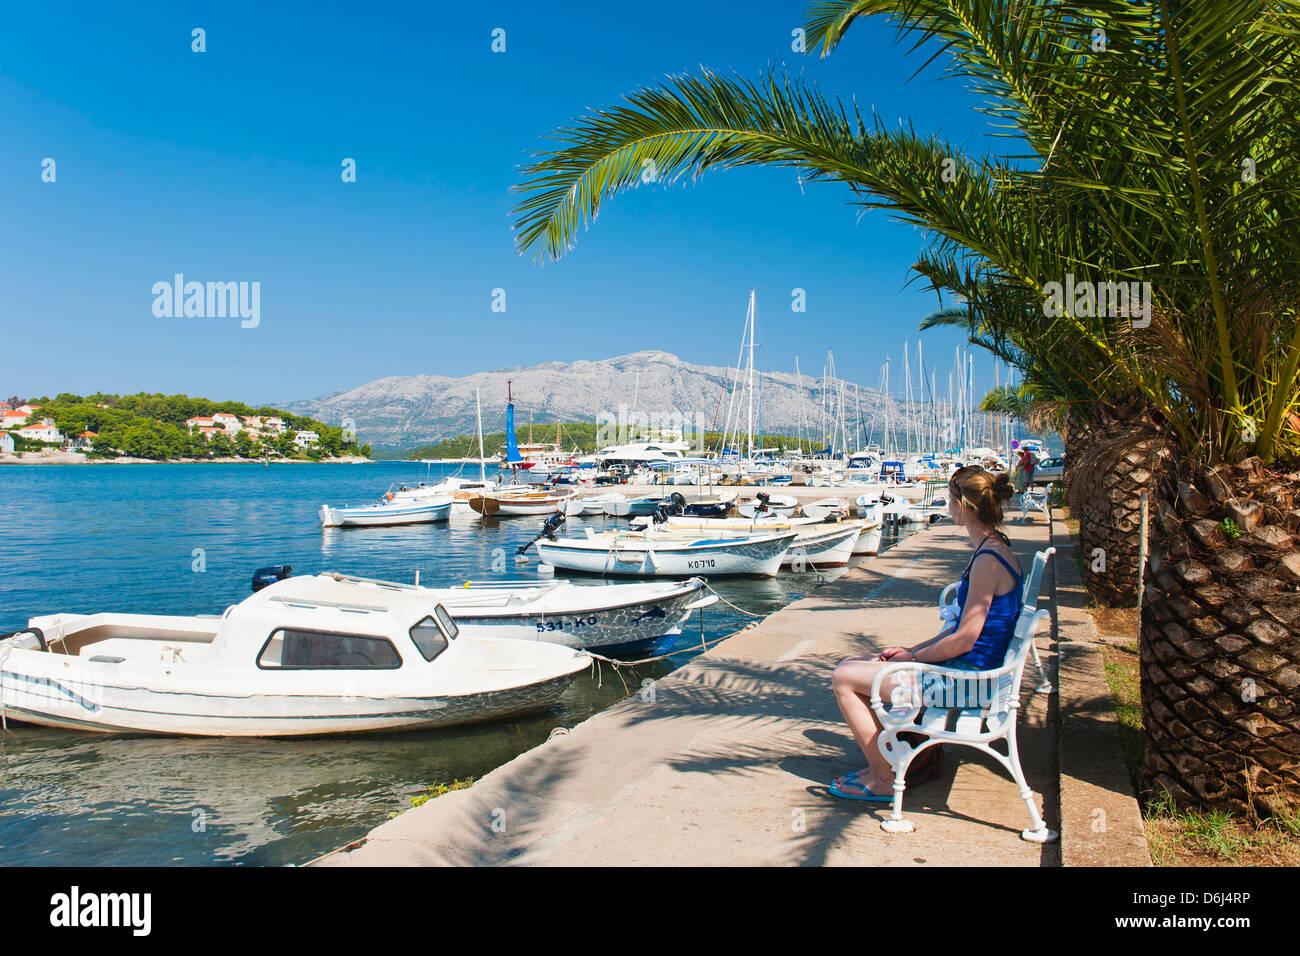 Soggiorno turistico in Lumbarda Harbour, Isola di Korcula, costa ...